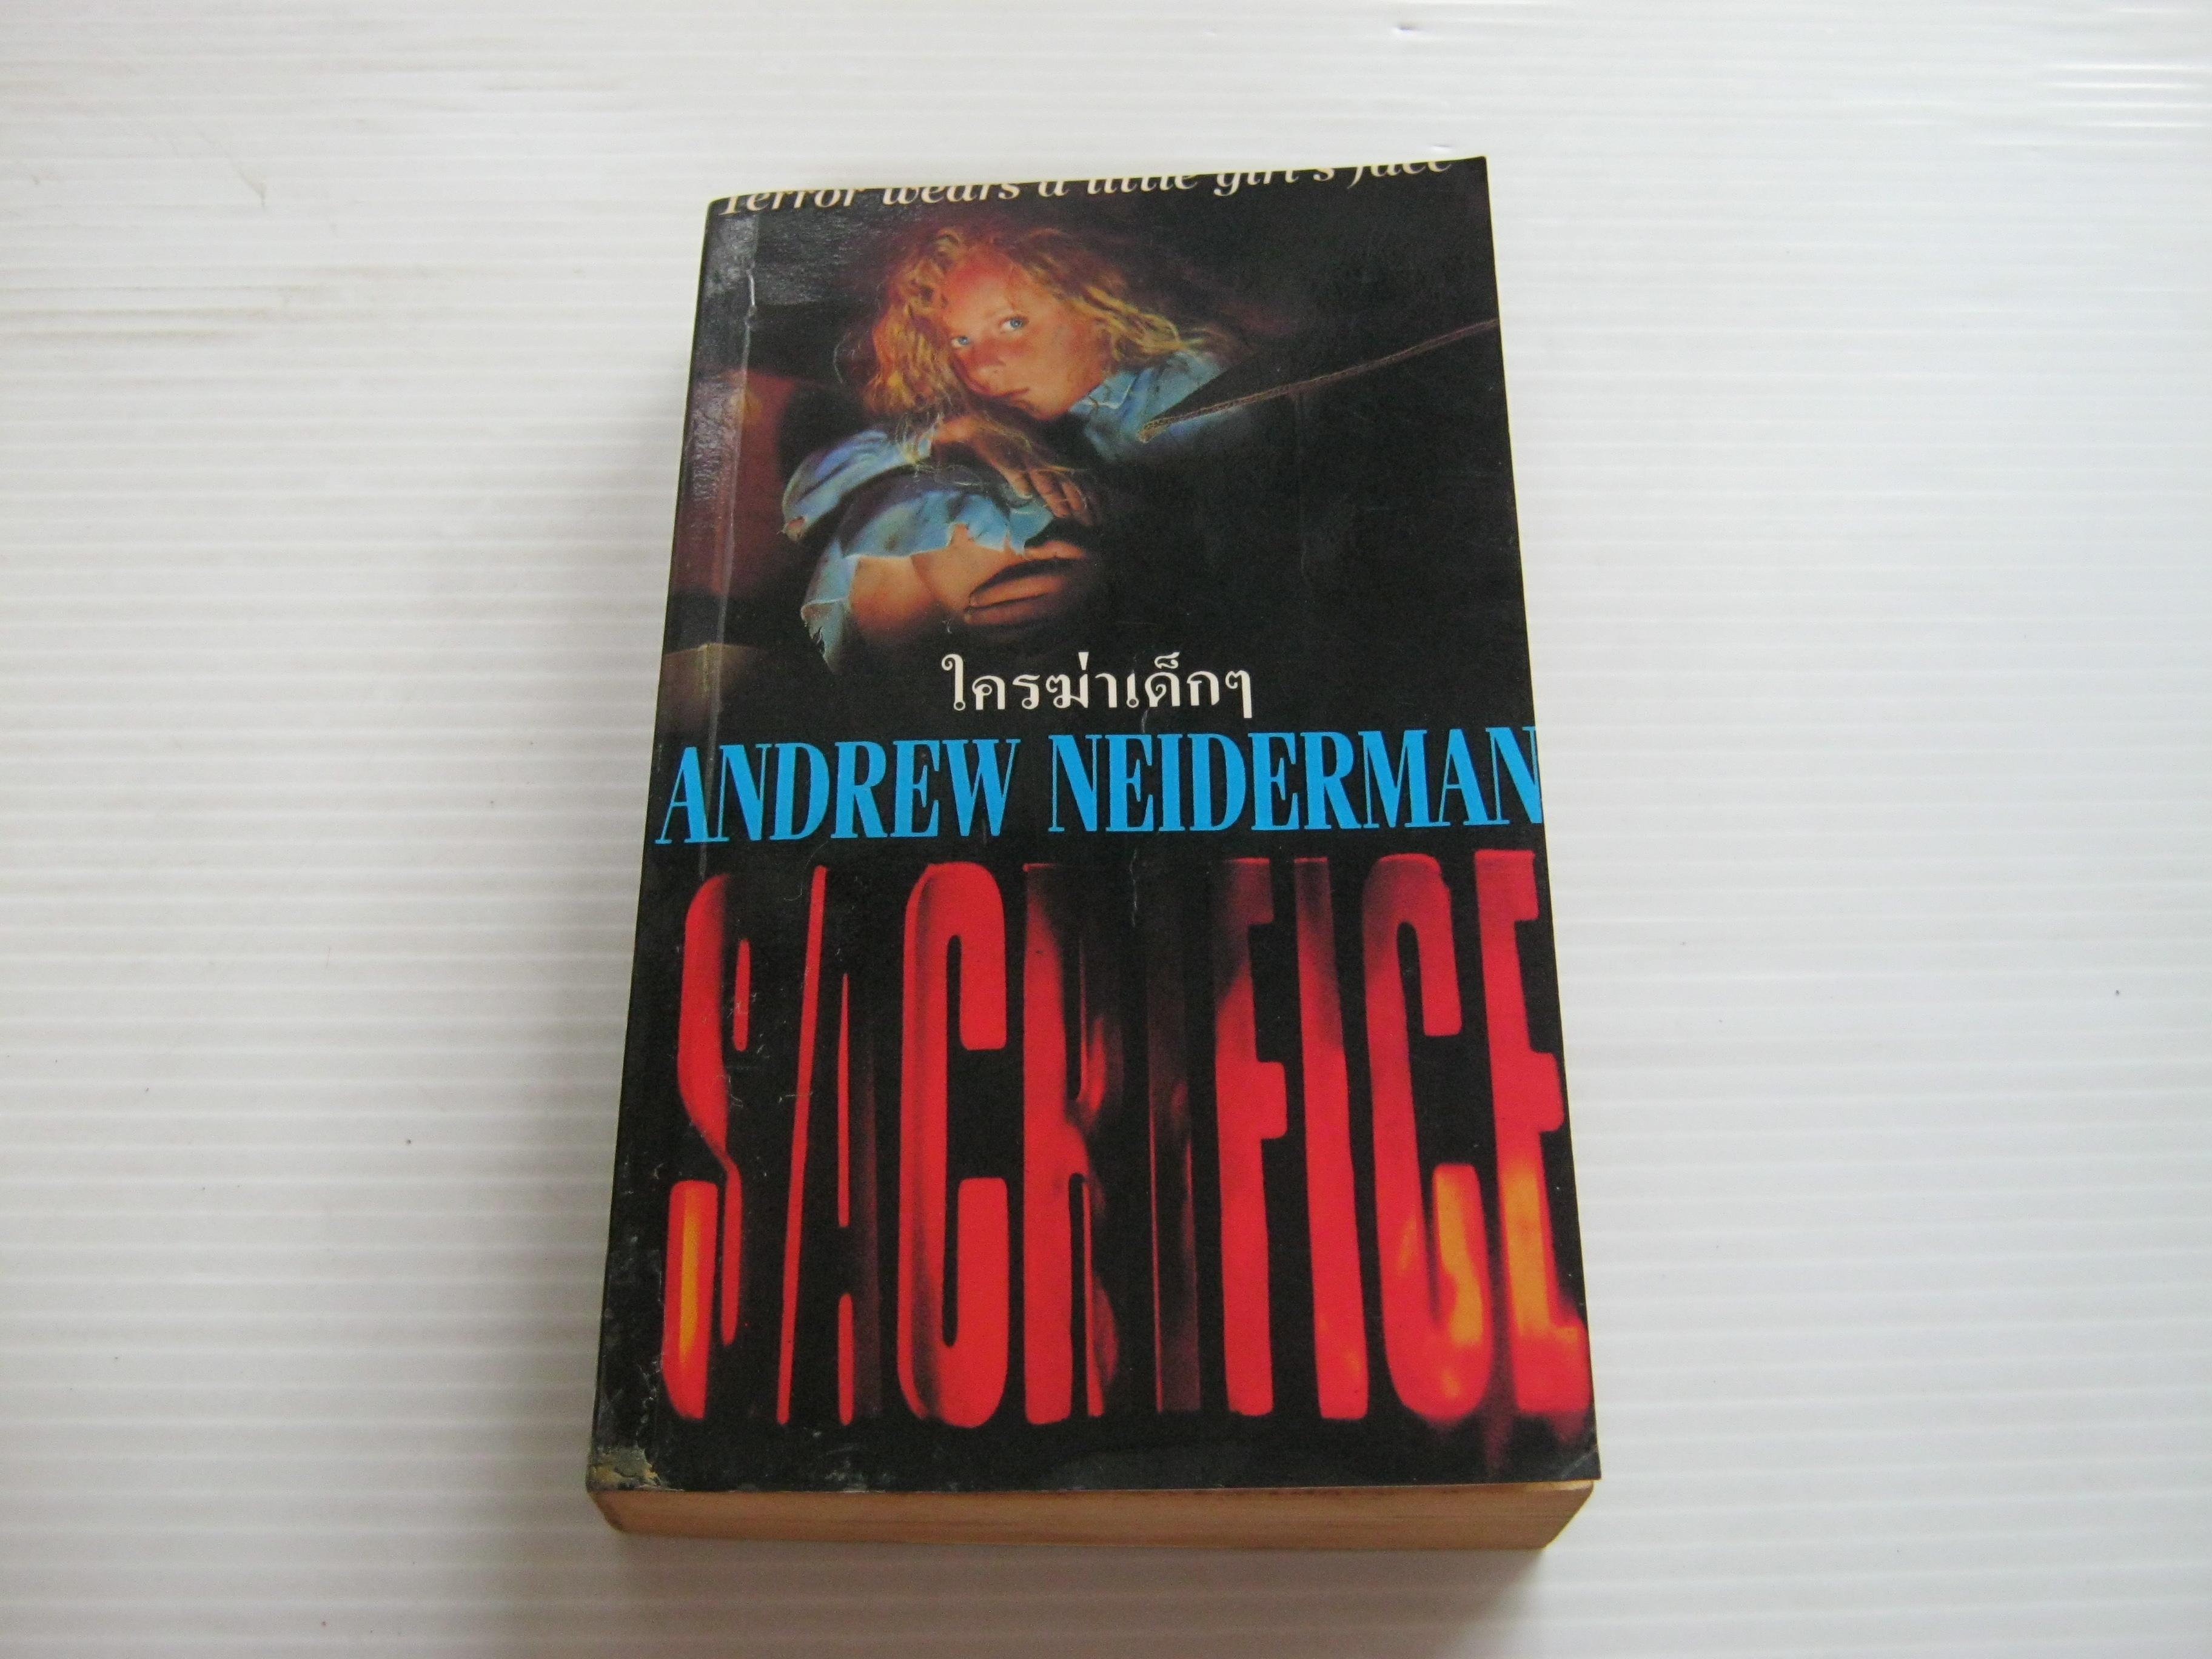 ใครฆ่าเด็ก ๆ (Sacrifice) Andrew Neiderman เขียน สุวิทย์ ขาวปลอด แปล